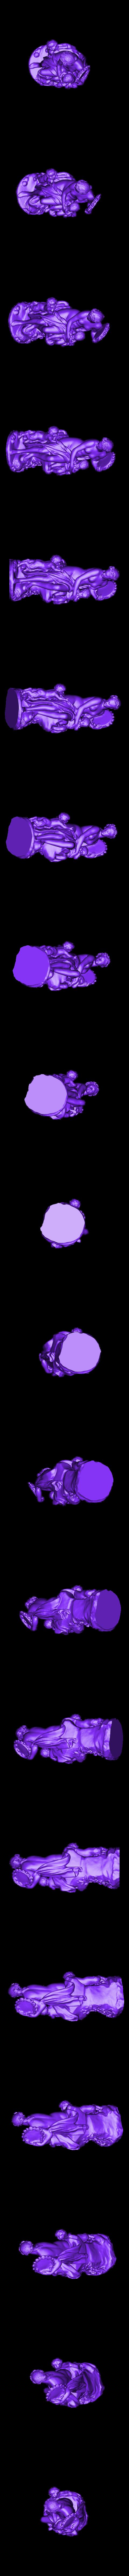 louvre-bacchante-with-tambourine-and-children-1.stl Télécharger fichier STL gratuit Bacchante avec Tambourine et enfant au Louvre, Paris. • Objet à imprimer en 3D, Louvre